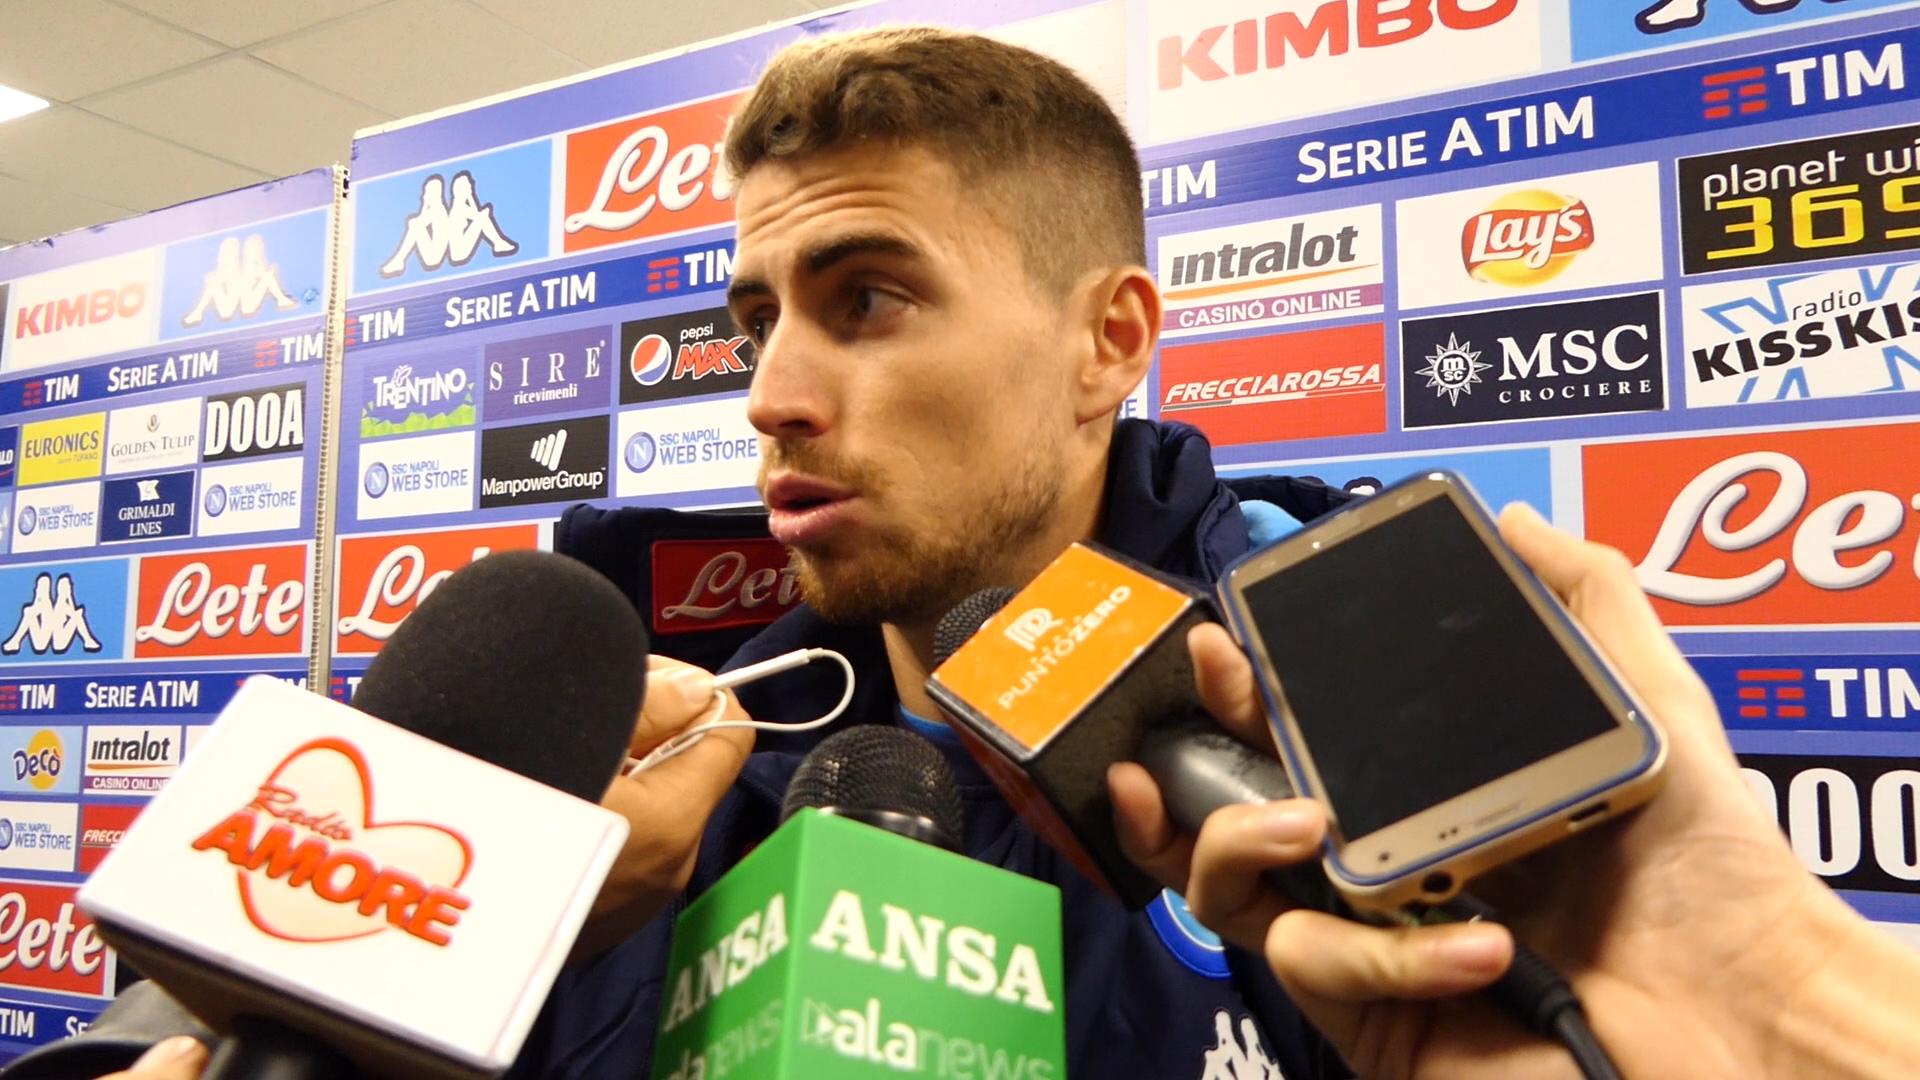 Calciomercato Napoli, Jorginho al Man City? L'agente: